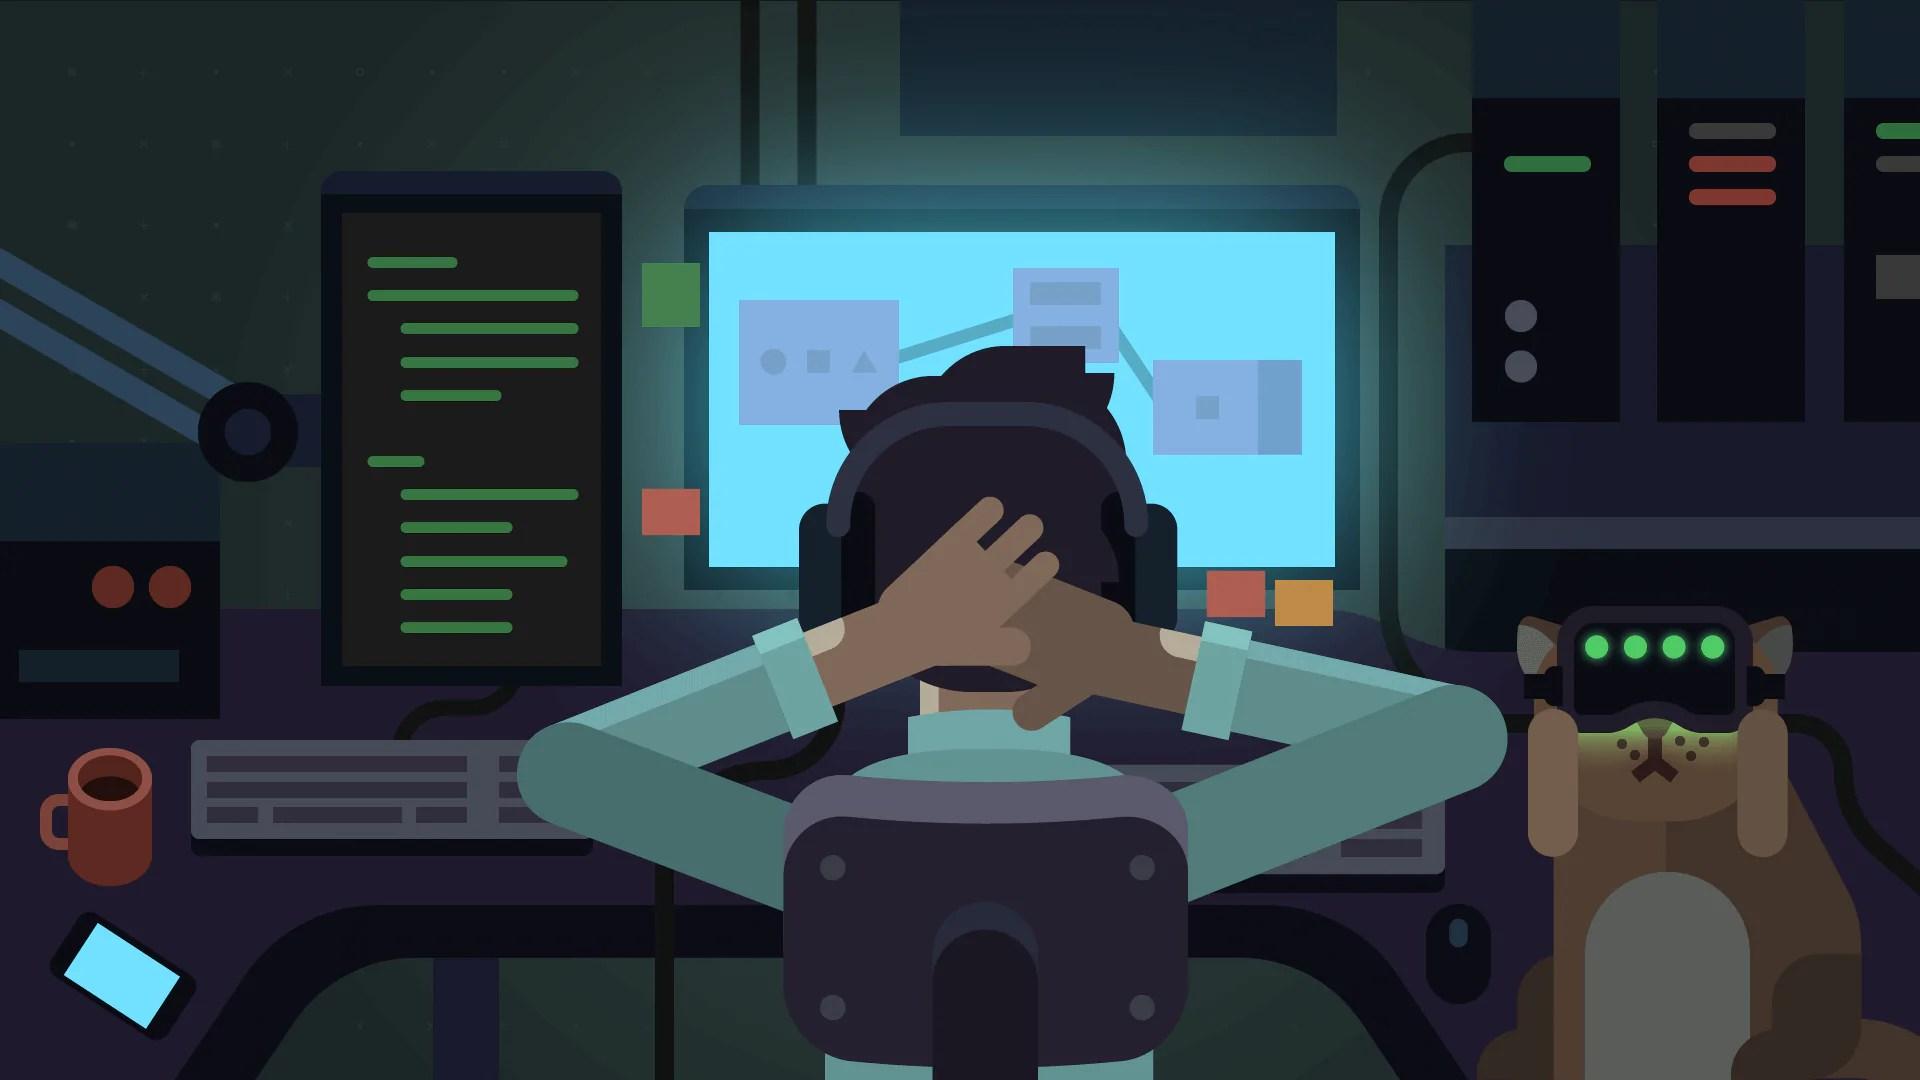 Mais de 3.000 desenvolvedores atrasaram seus jogos devido a pandemia